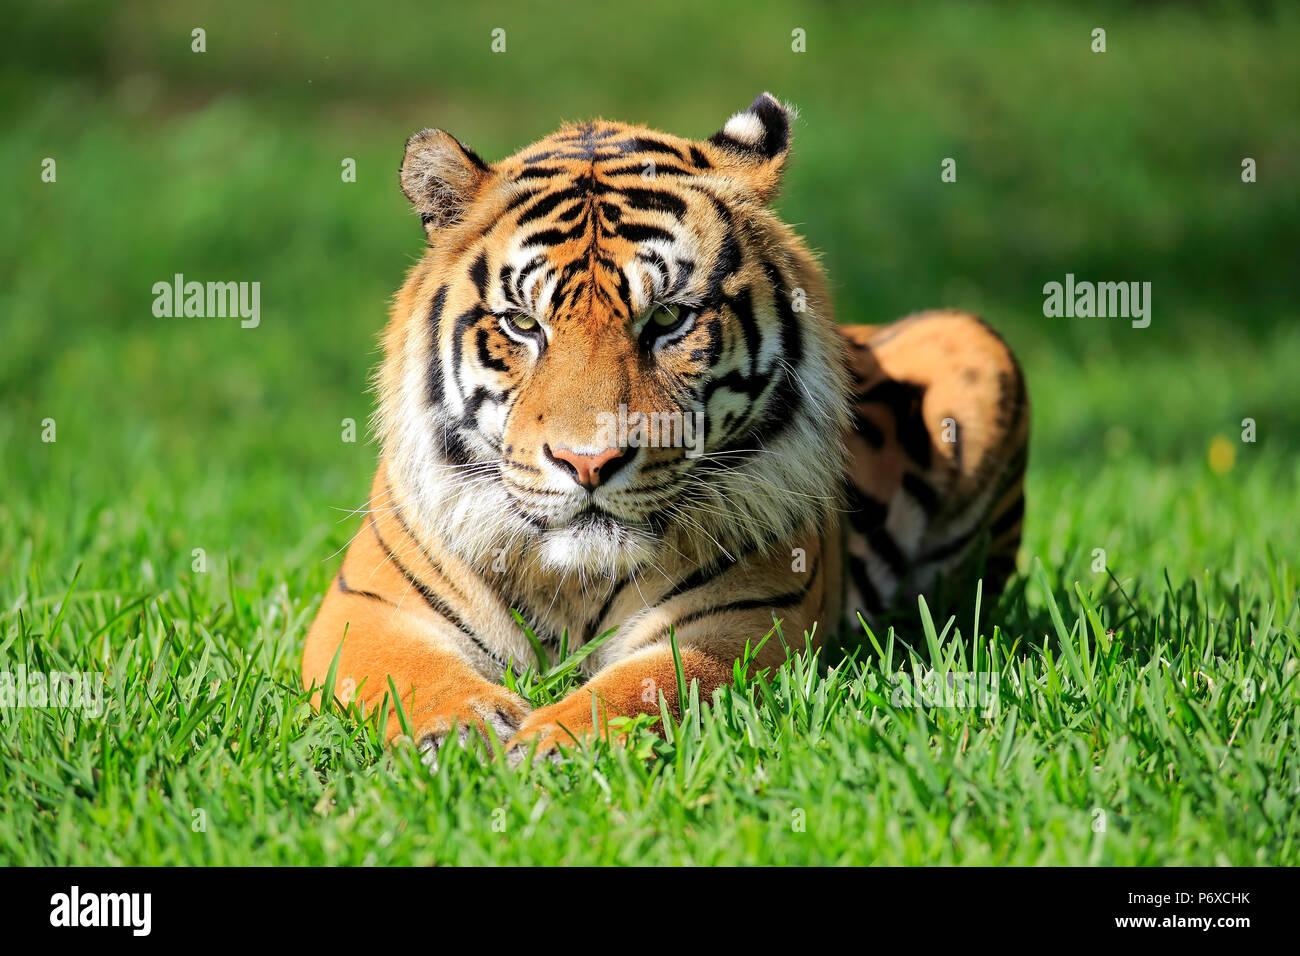 Tigre de Sumatra, mâle adulte, Sumatra, d'Asie, Panthera tigris sumatrae Banque D'Images